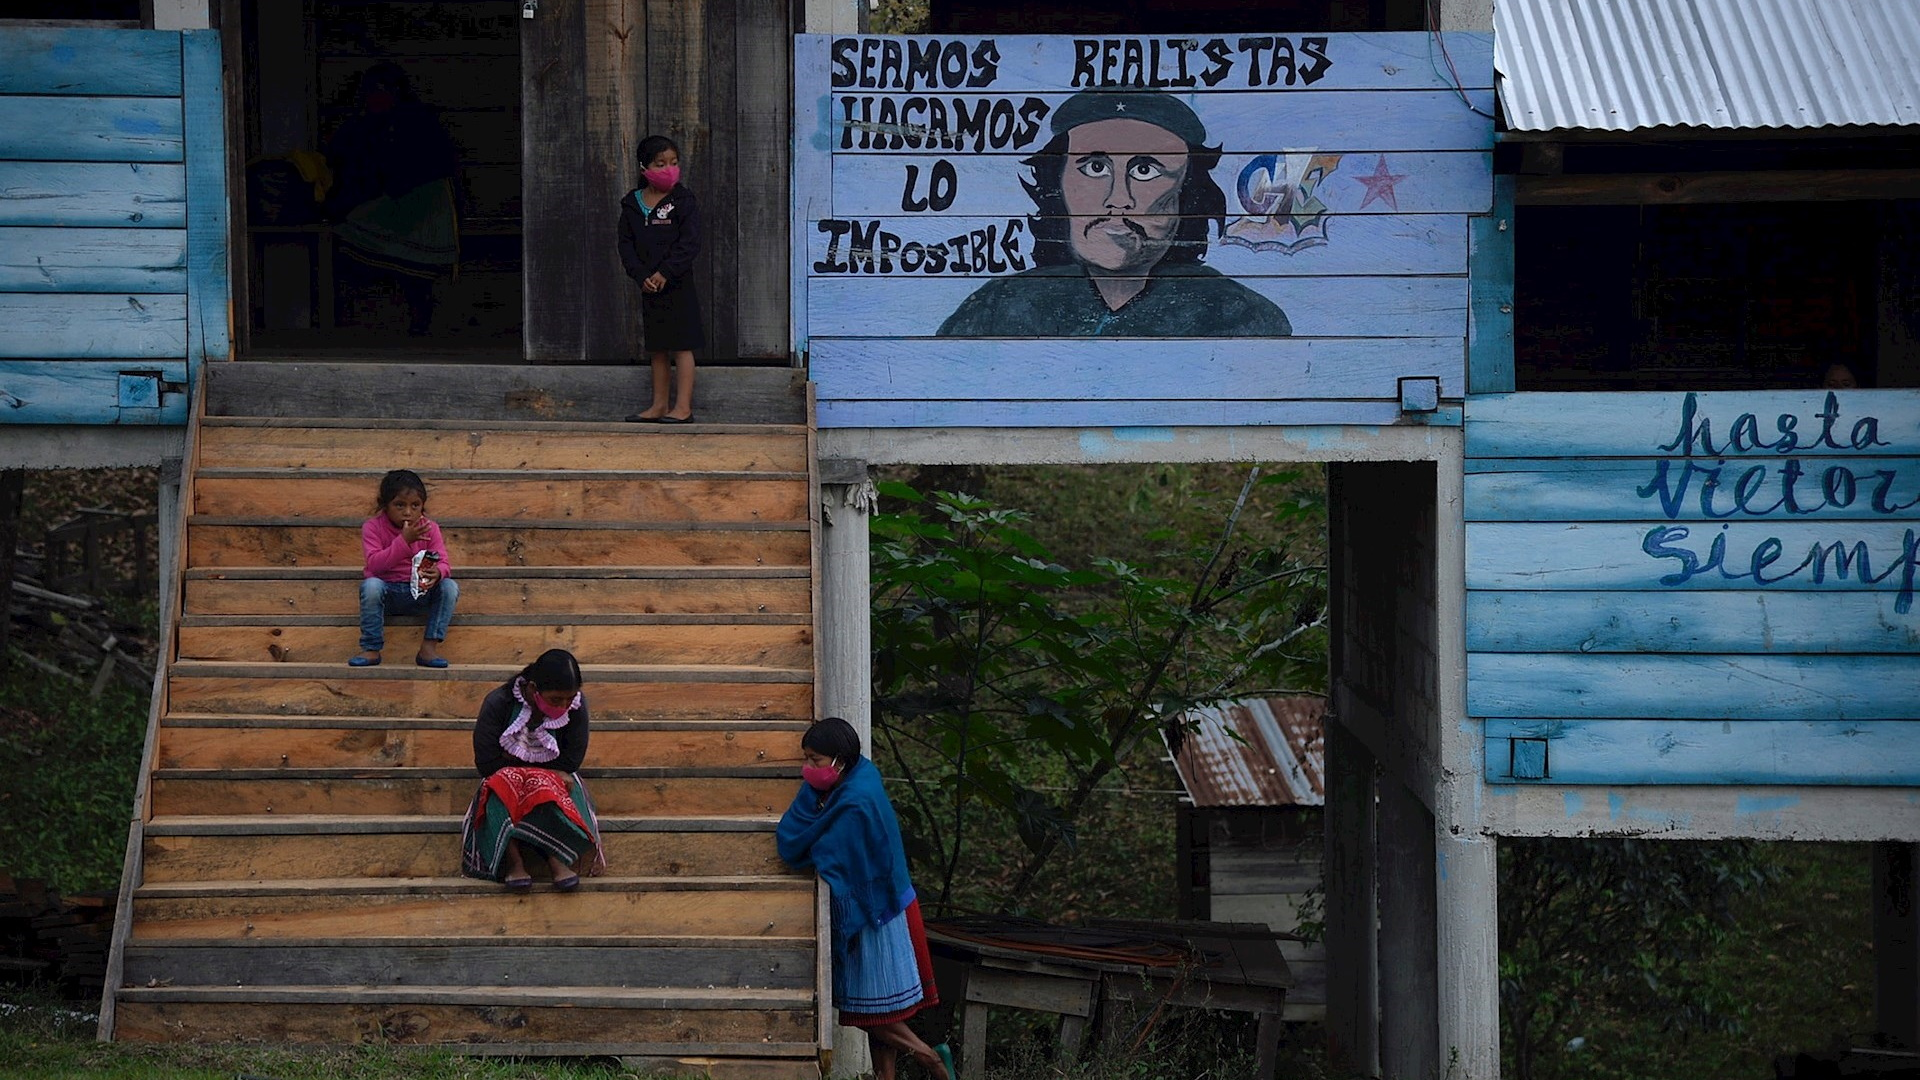 Una delegación del Ejército Zapatista de Liberación Nacional (EZLN) emprendió este lunes un viaje a Europa para defender sus derechos de justicia social y explicar sus reivindicaciones de autonomía frente al estado federal mexicano. Foto de EFE/Carlos López